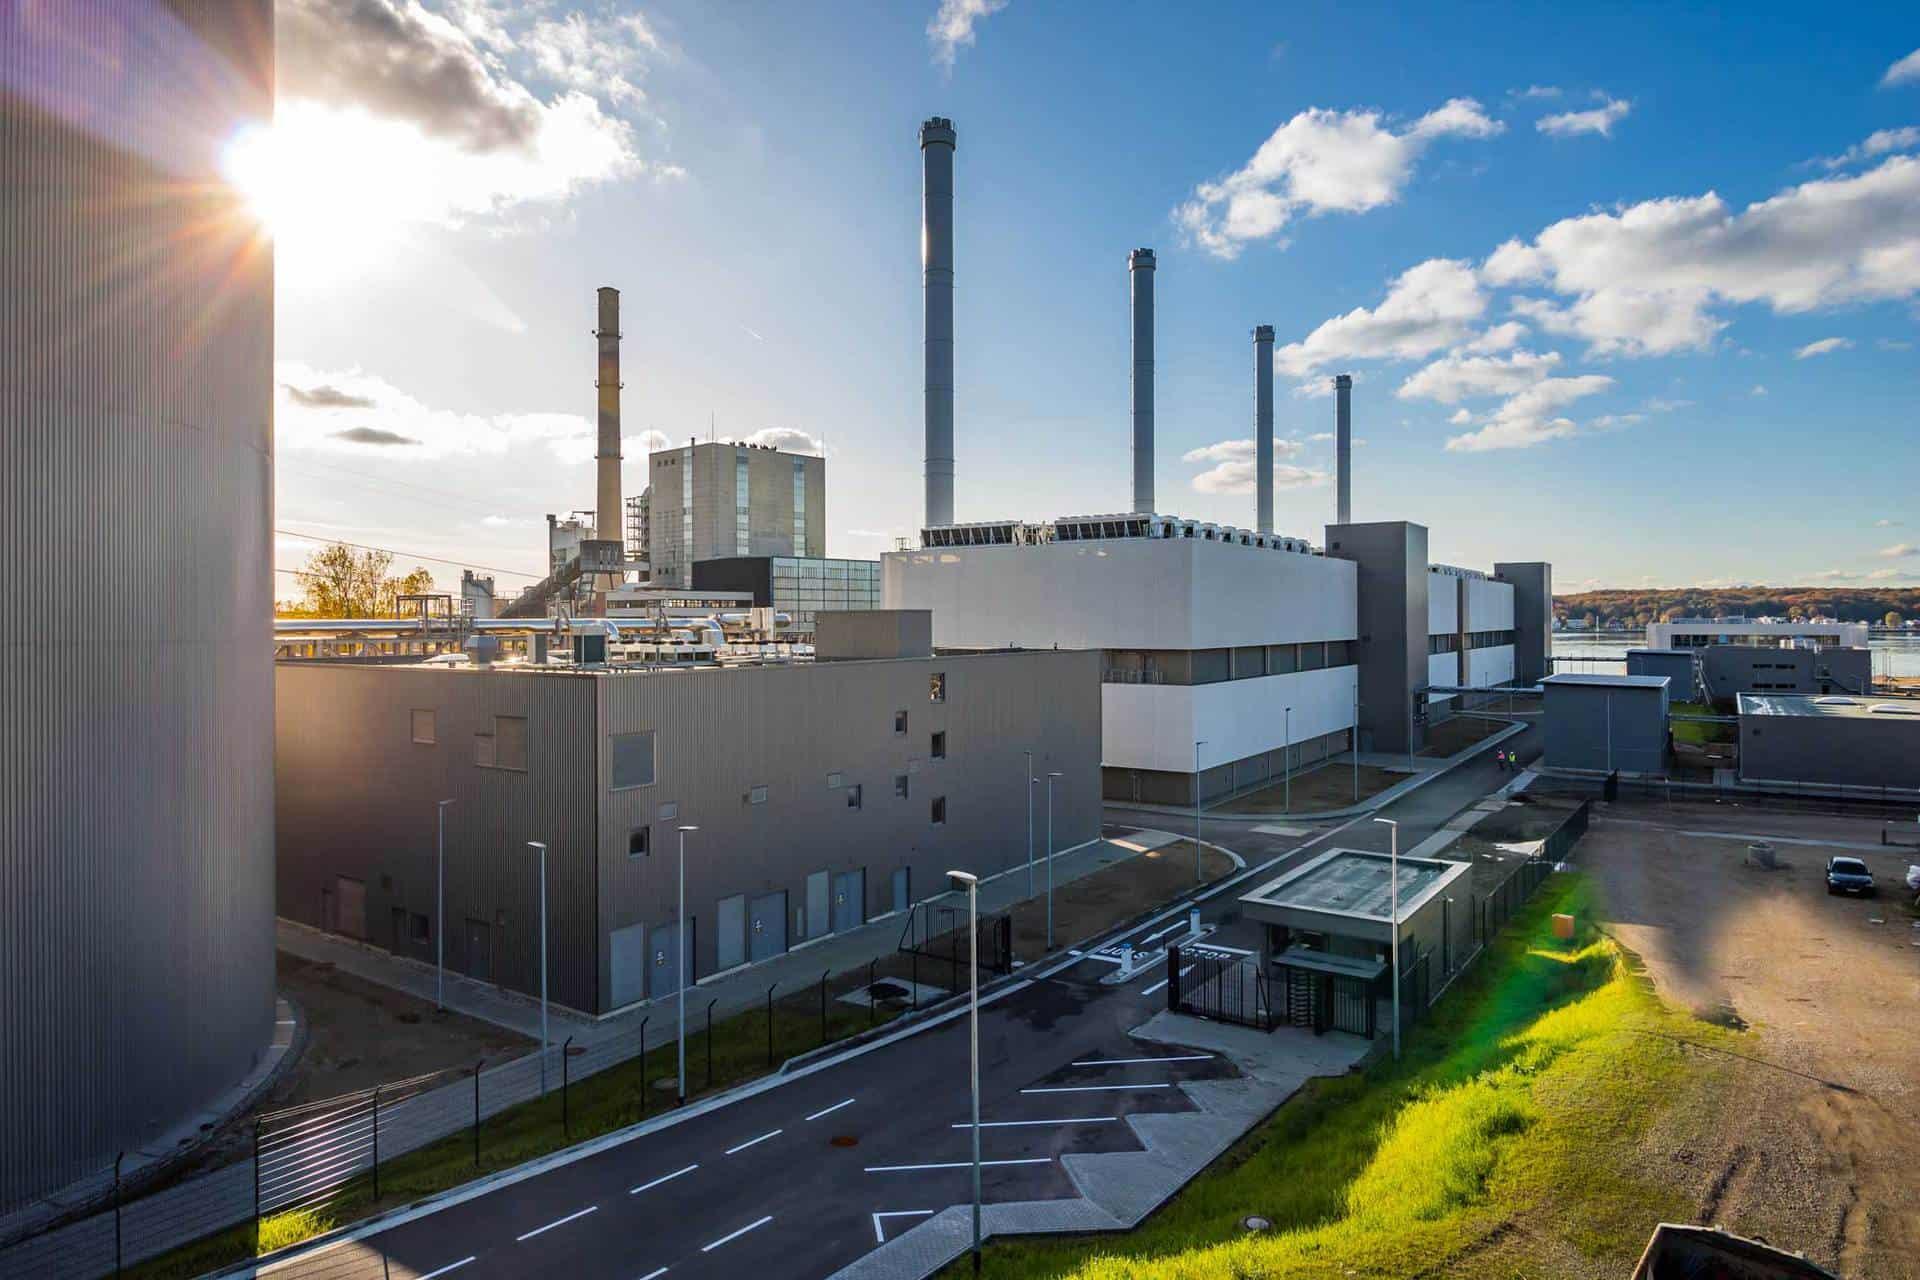 Küstenkraftwerk in Kiel